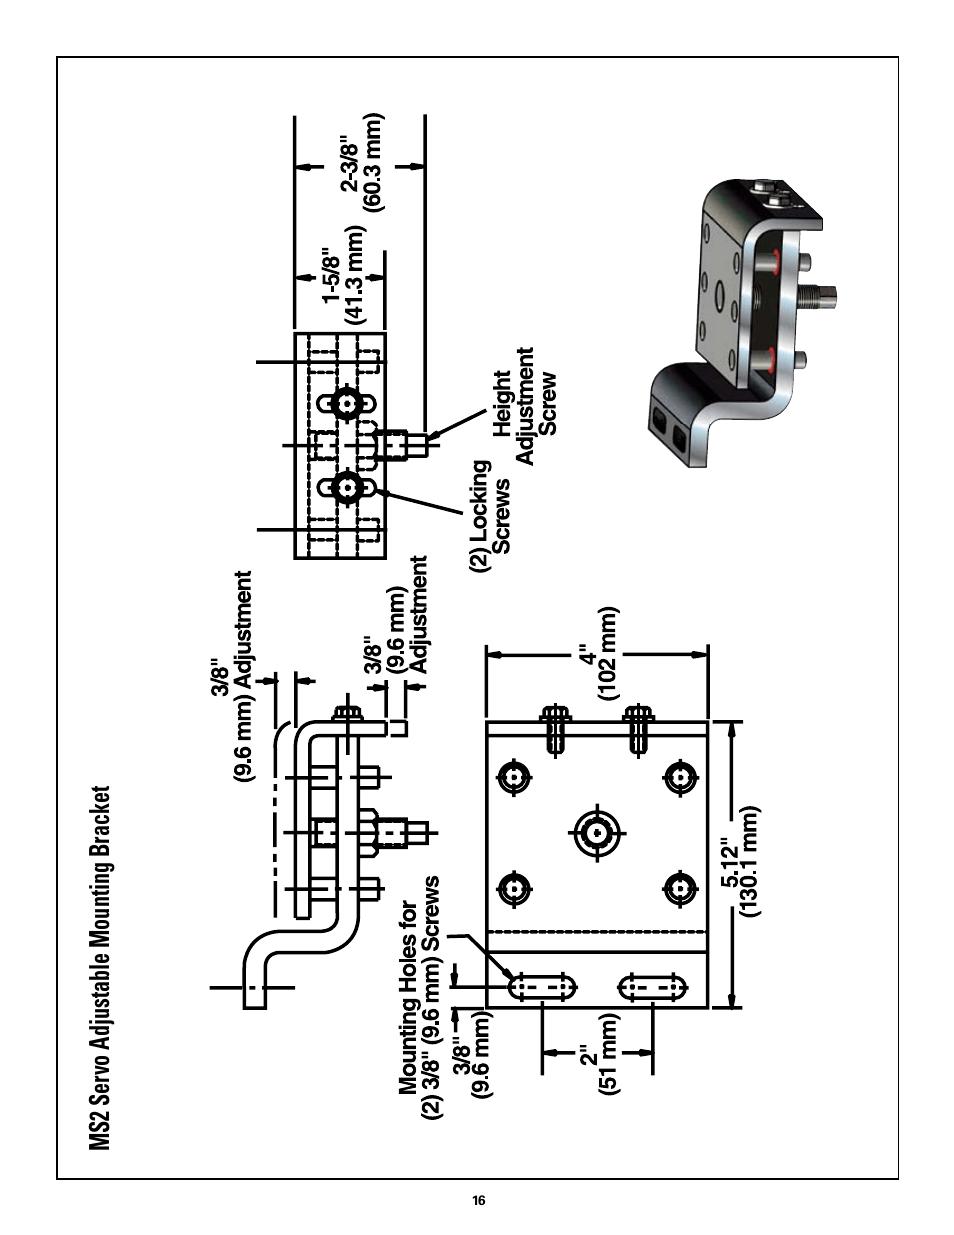 Rapid-Air MINI-SERVO FEED: MS2, MS4 & MS8. 115vac, 1ph